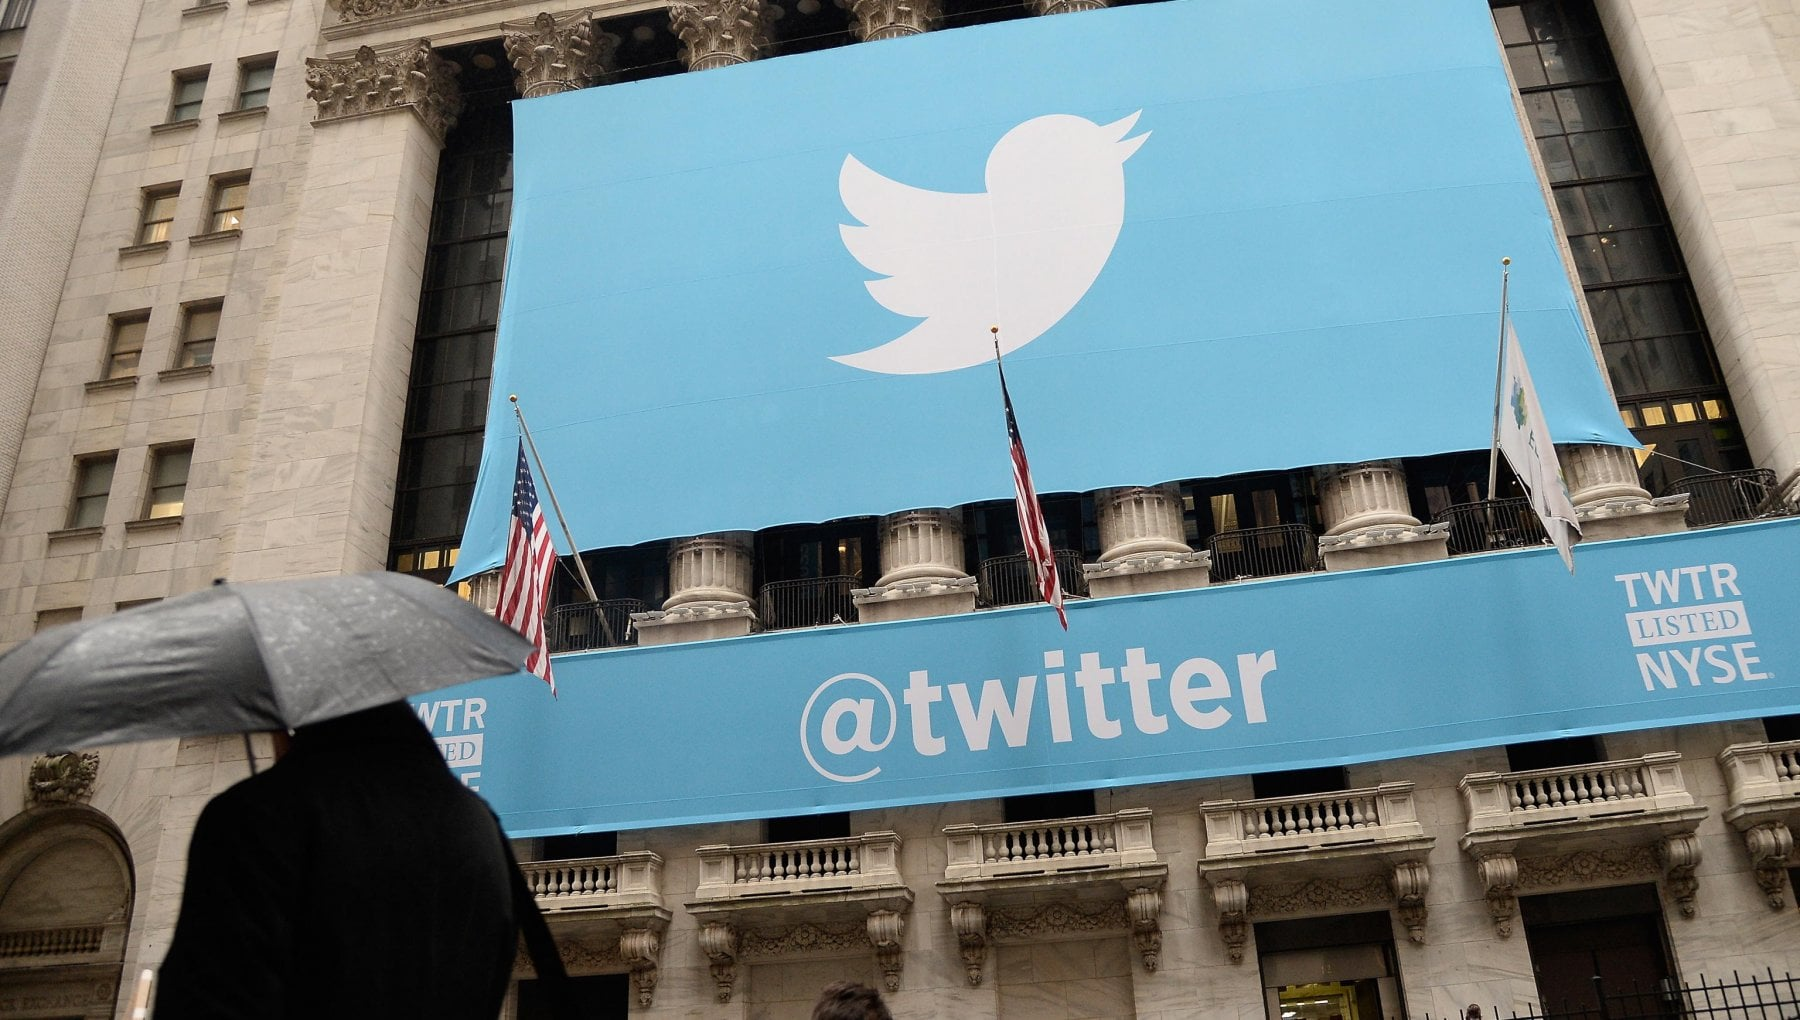 Stati Uniti il capo di Twitter difende il blocco a Trump ma ammette E un precedente pericoloso